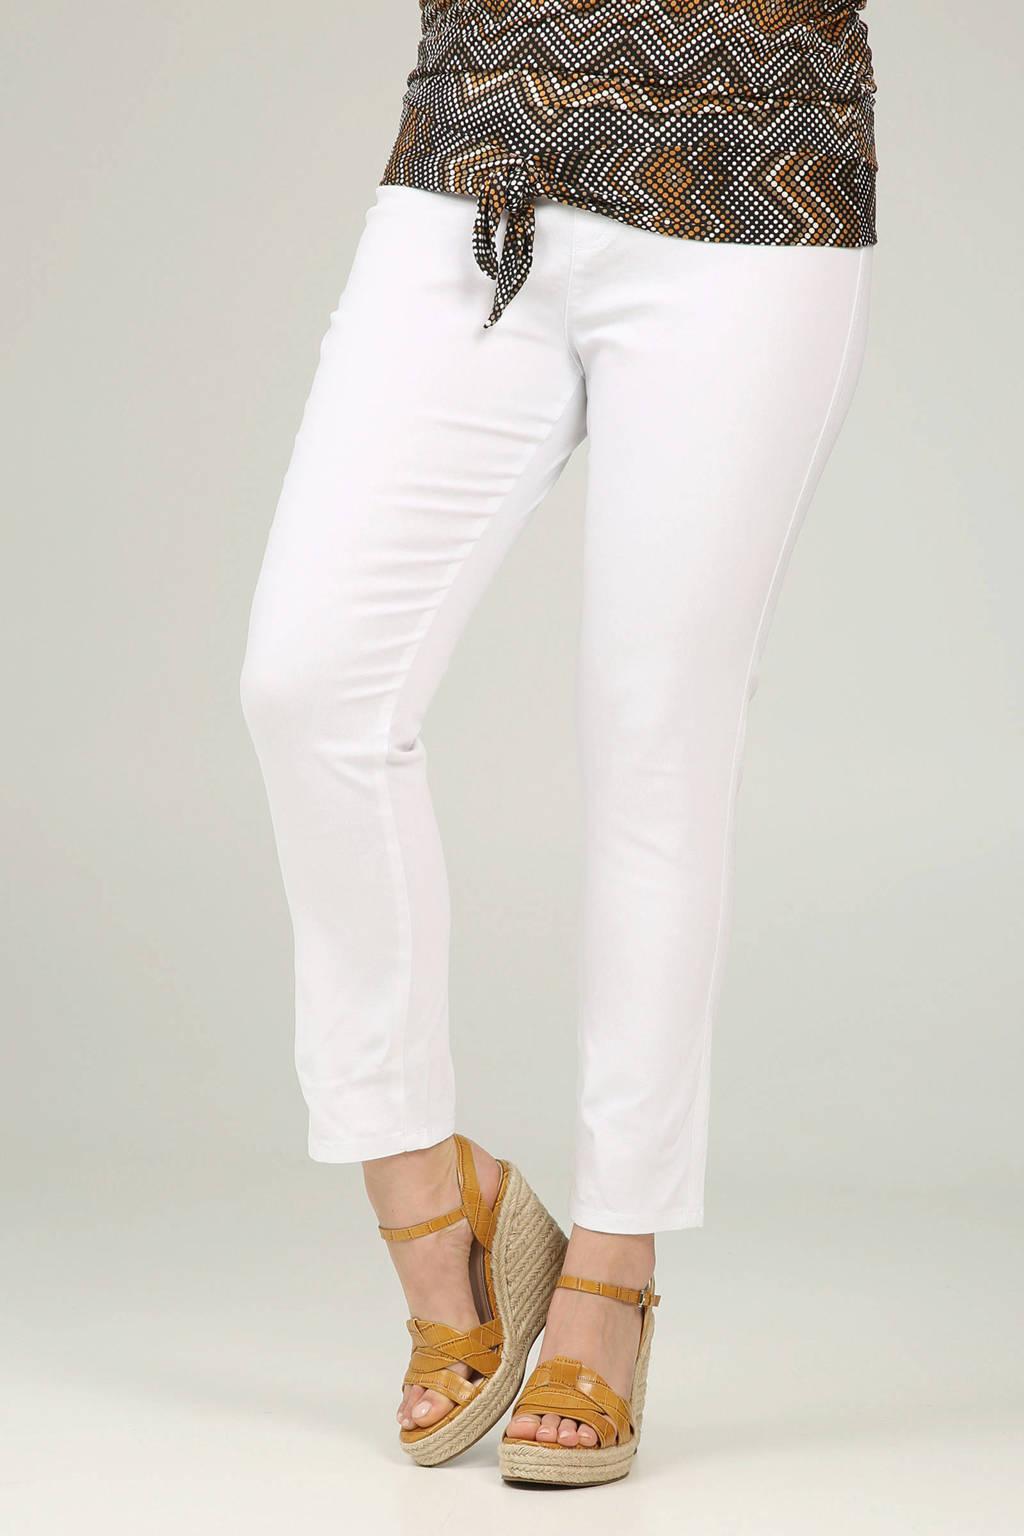 voortreffelijk ontwerp nieuw mooie schoenen Paprika slim fit 7/8 tregging wit | wehkamp